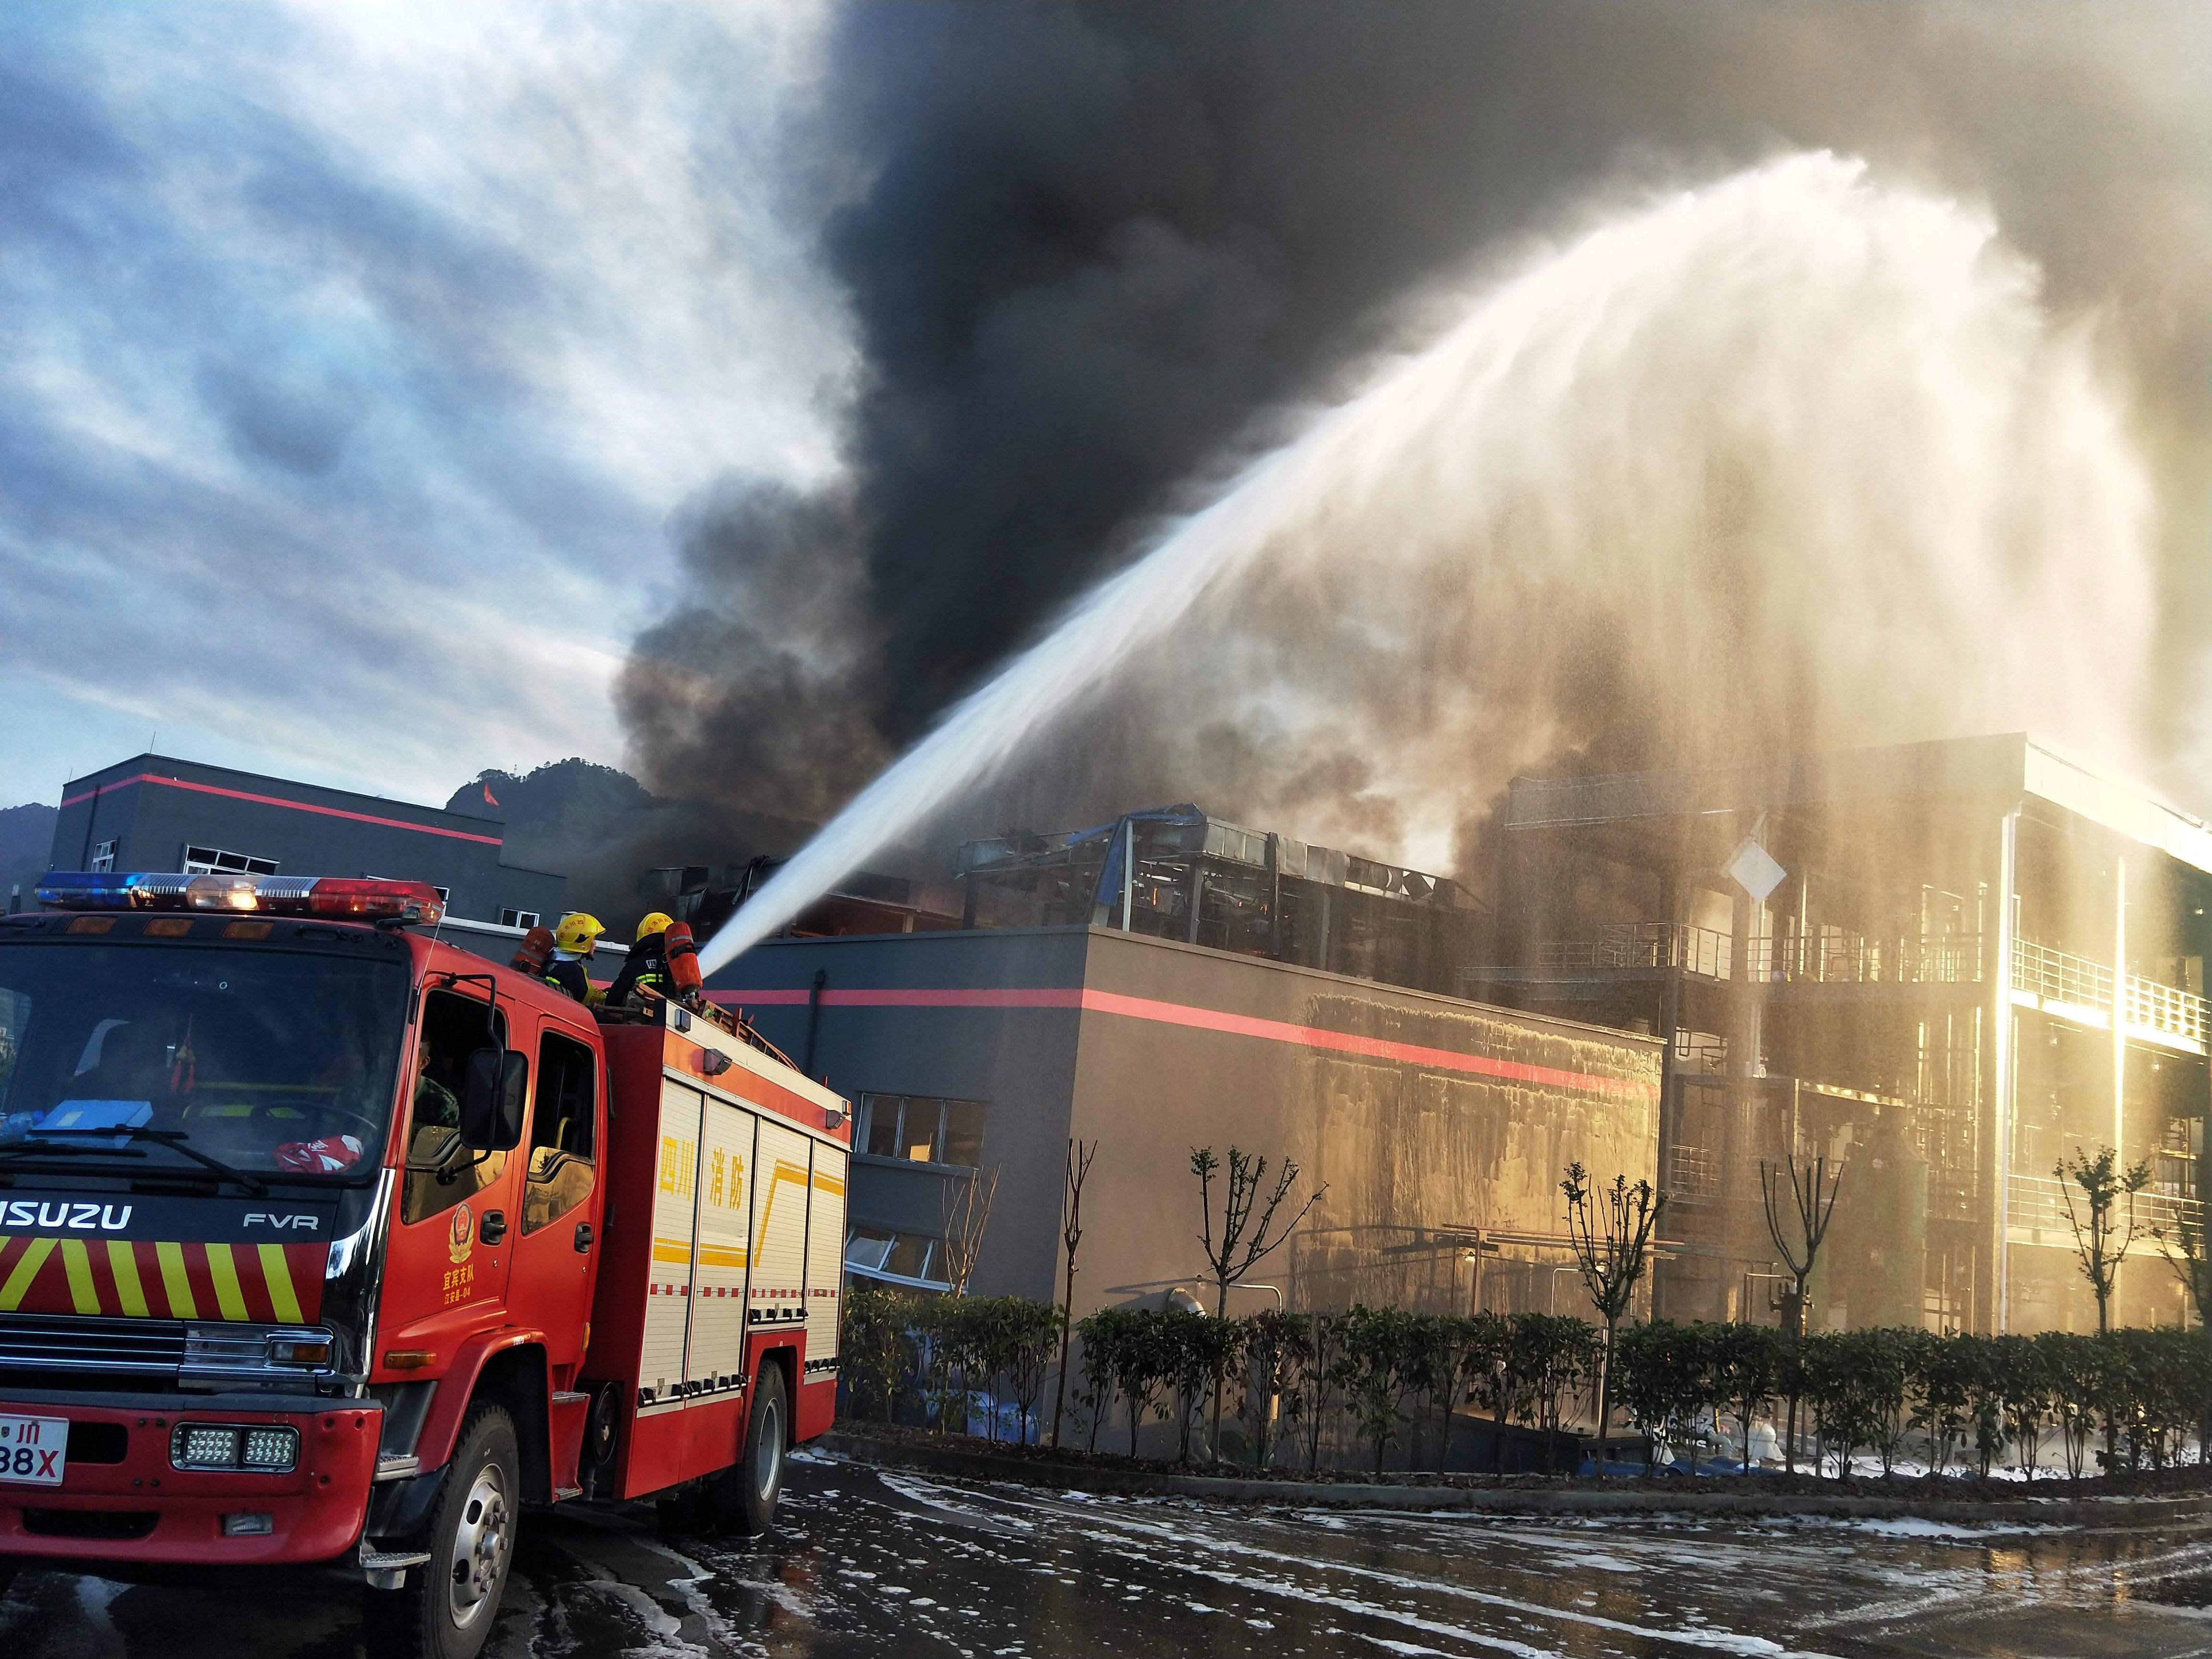 محاولات السيطرة على النيران بالصين